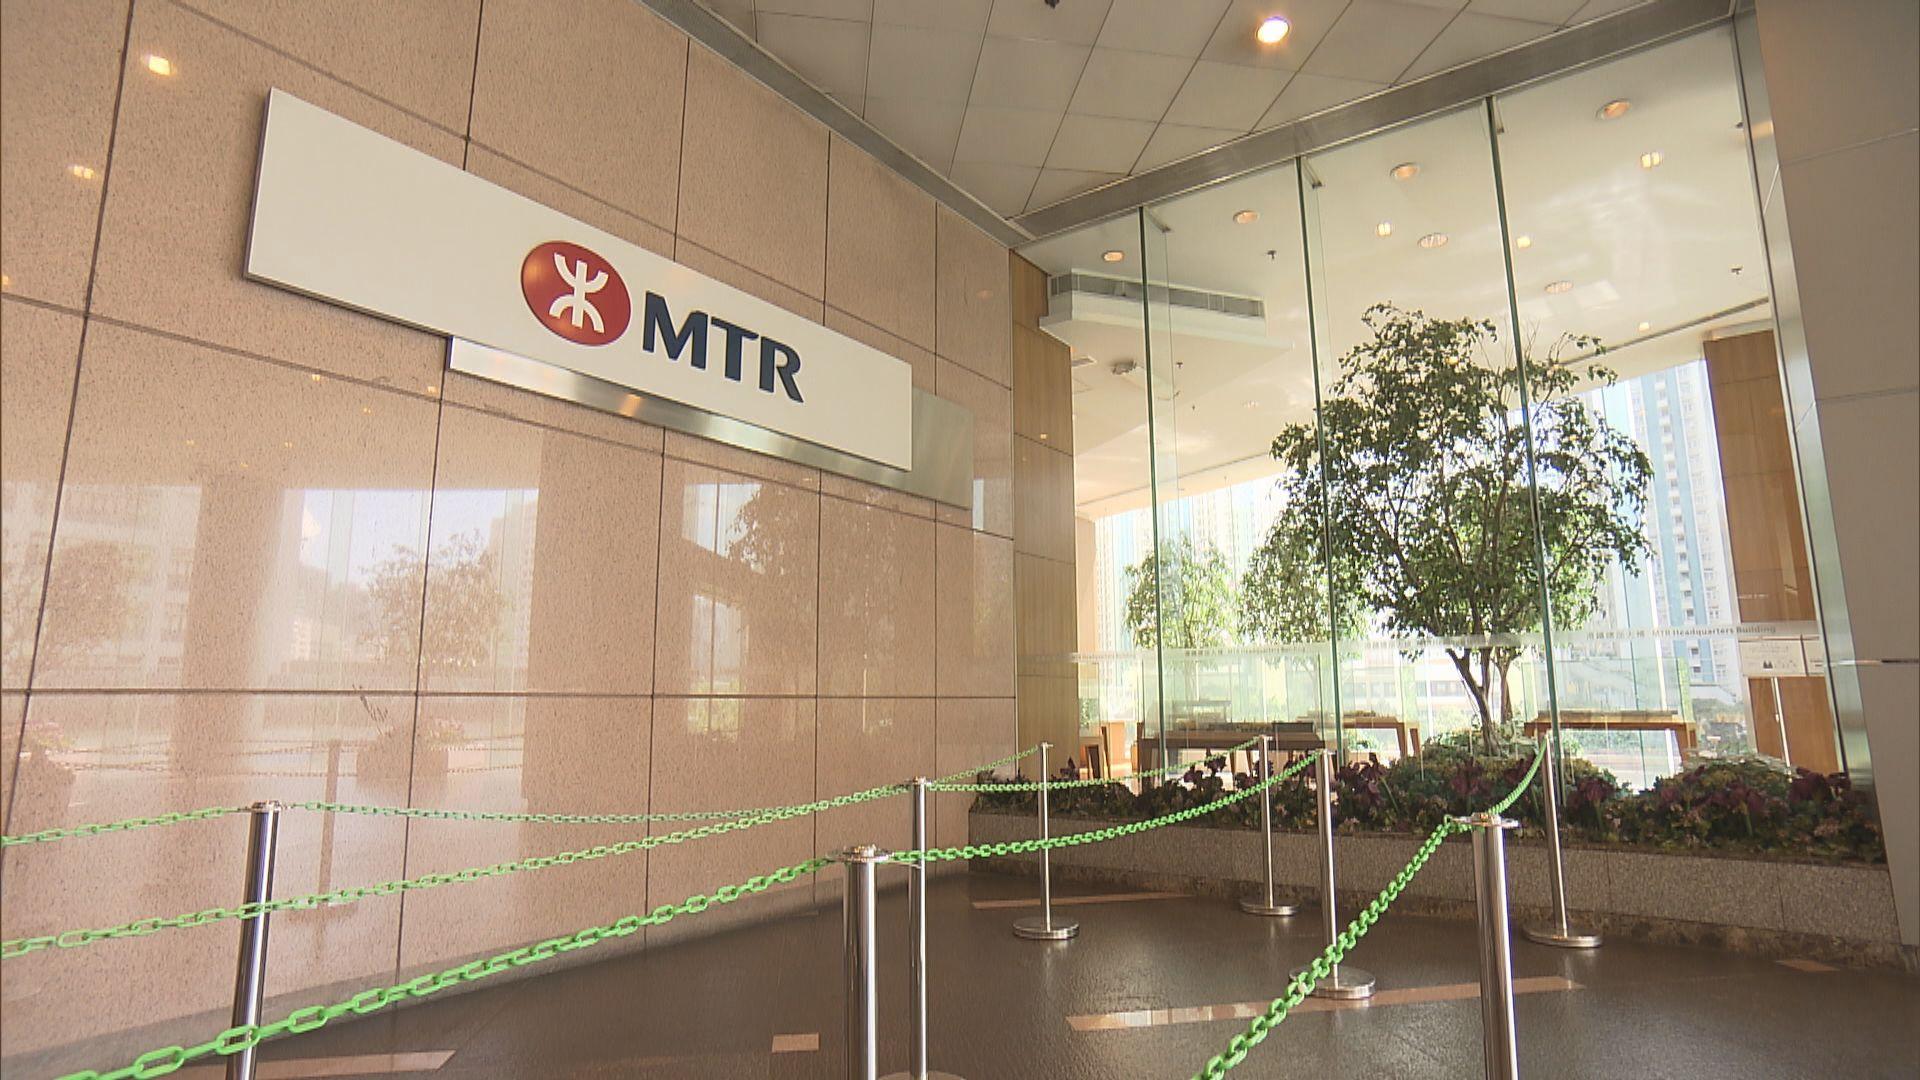 港鐵:會全力復修車站並盡早公布車務安排